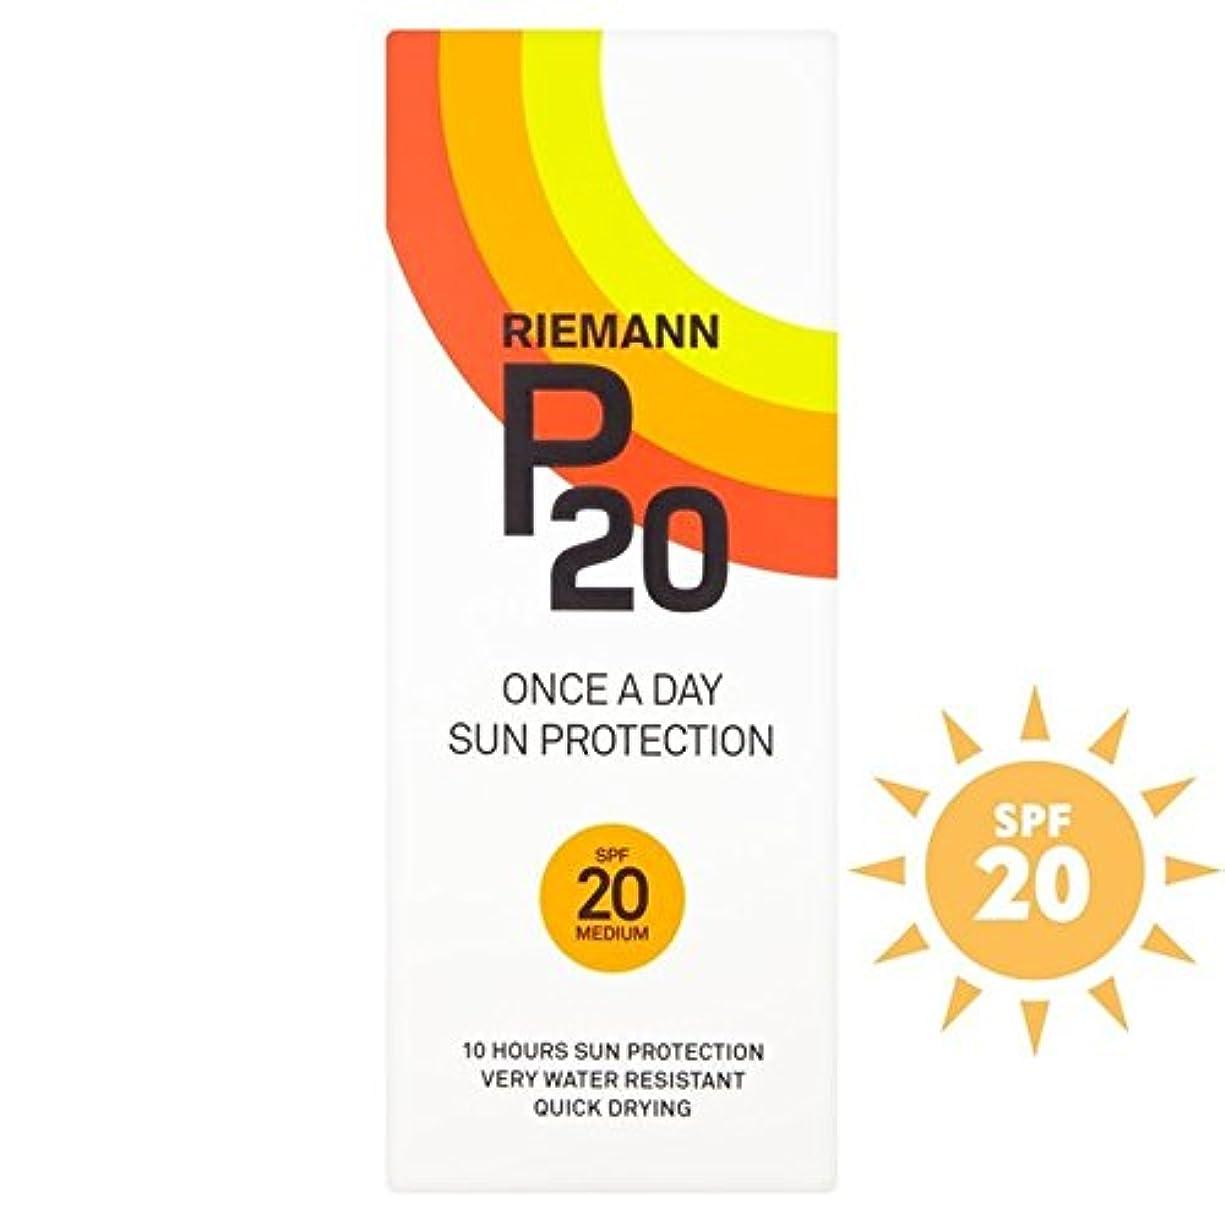 ファイル参照する十分ですリーマン20 20 1日/ 10時間の保護200ミリリットル x4 - Riemann P20 SPF20 1 Day/10 Hour Protection 200ml (Pack of 4) [並行輸入品]